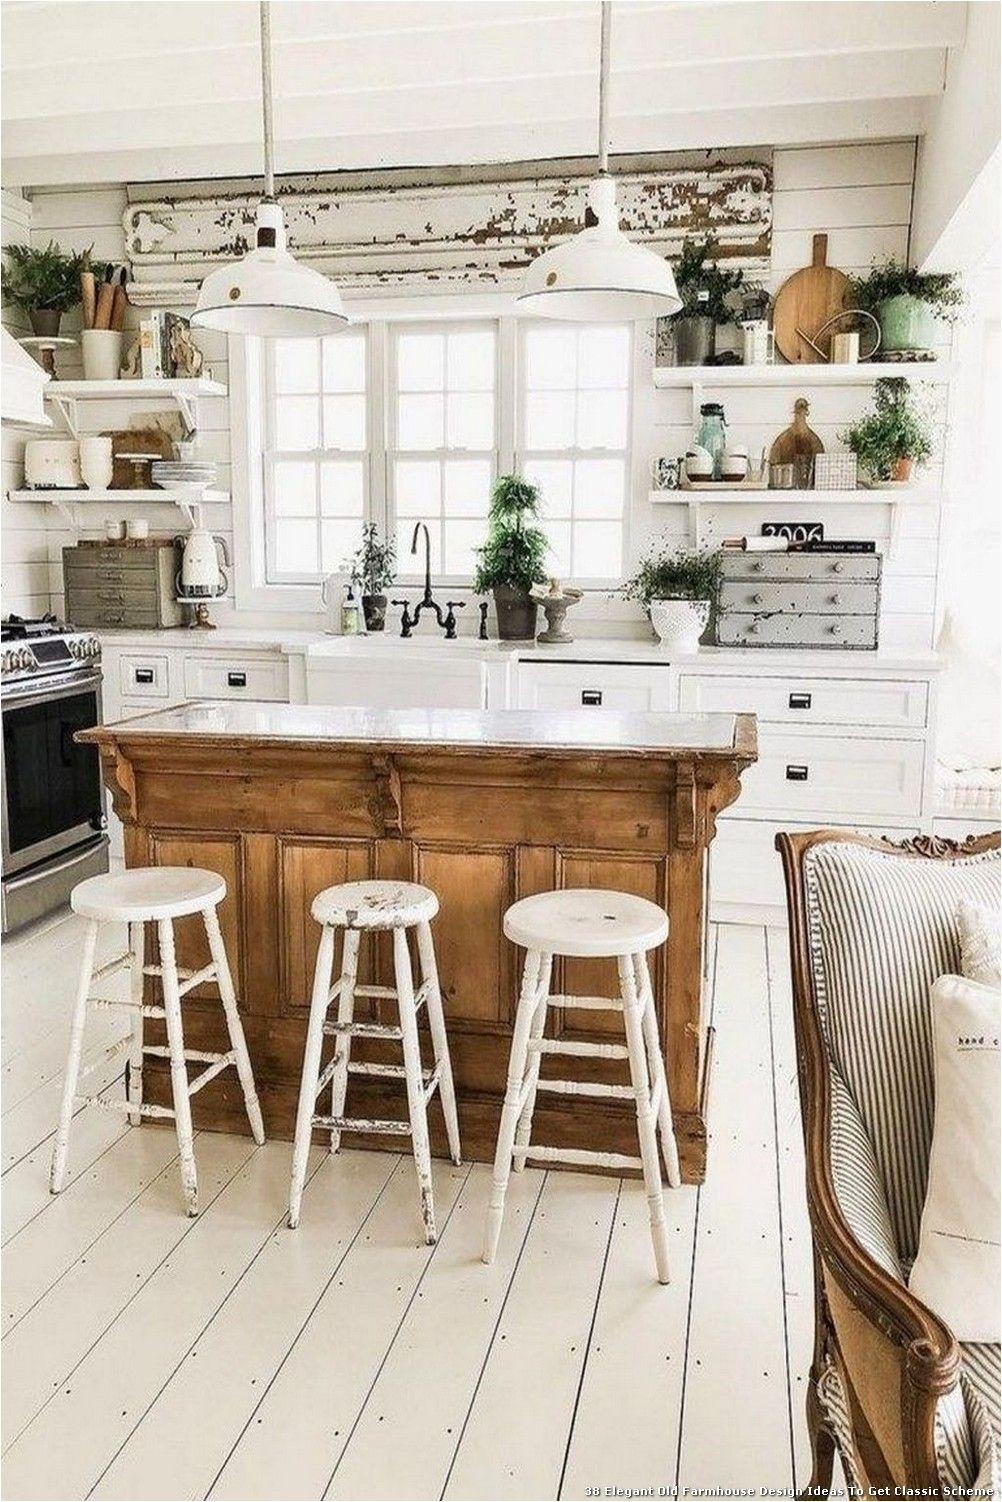 35 Elegant Old Farmhouse Design Ideas To Get Classic Scheme Farmhouse Kitchen Remodel Kitchen Style Farmhouse Kitchen Decor